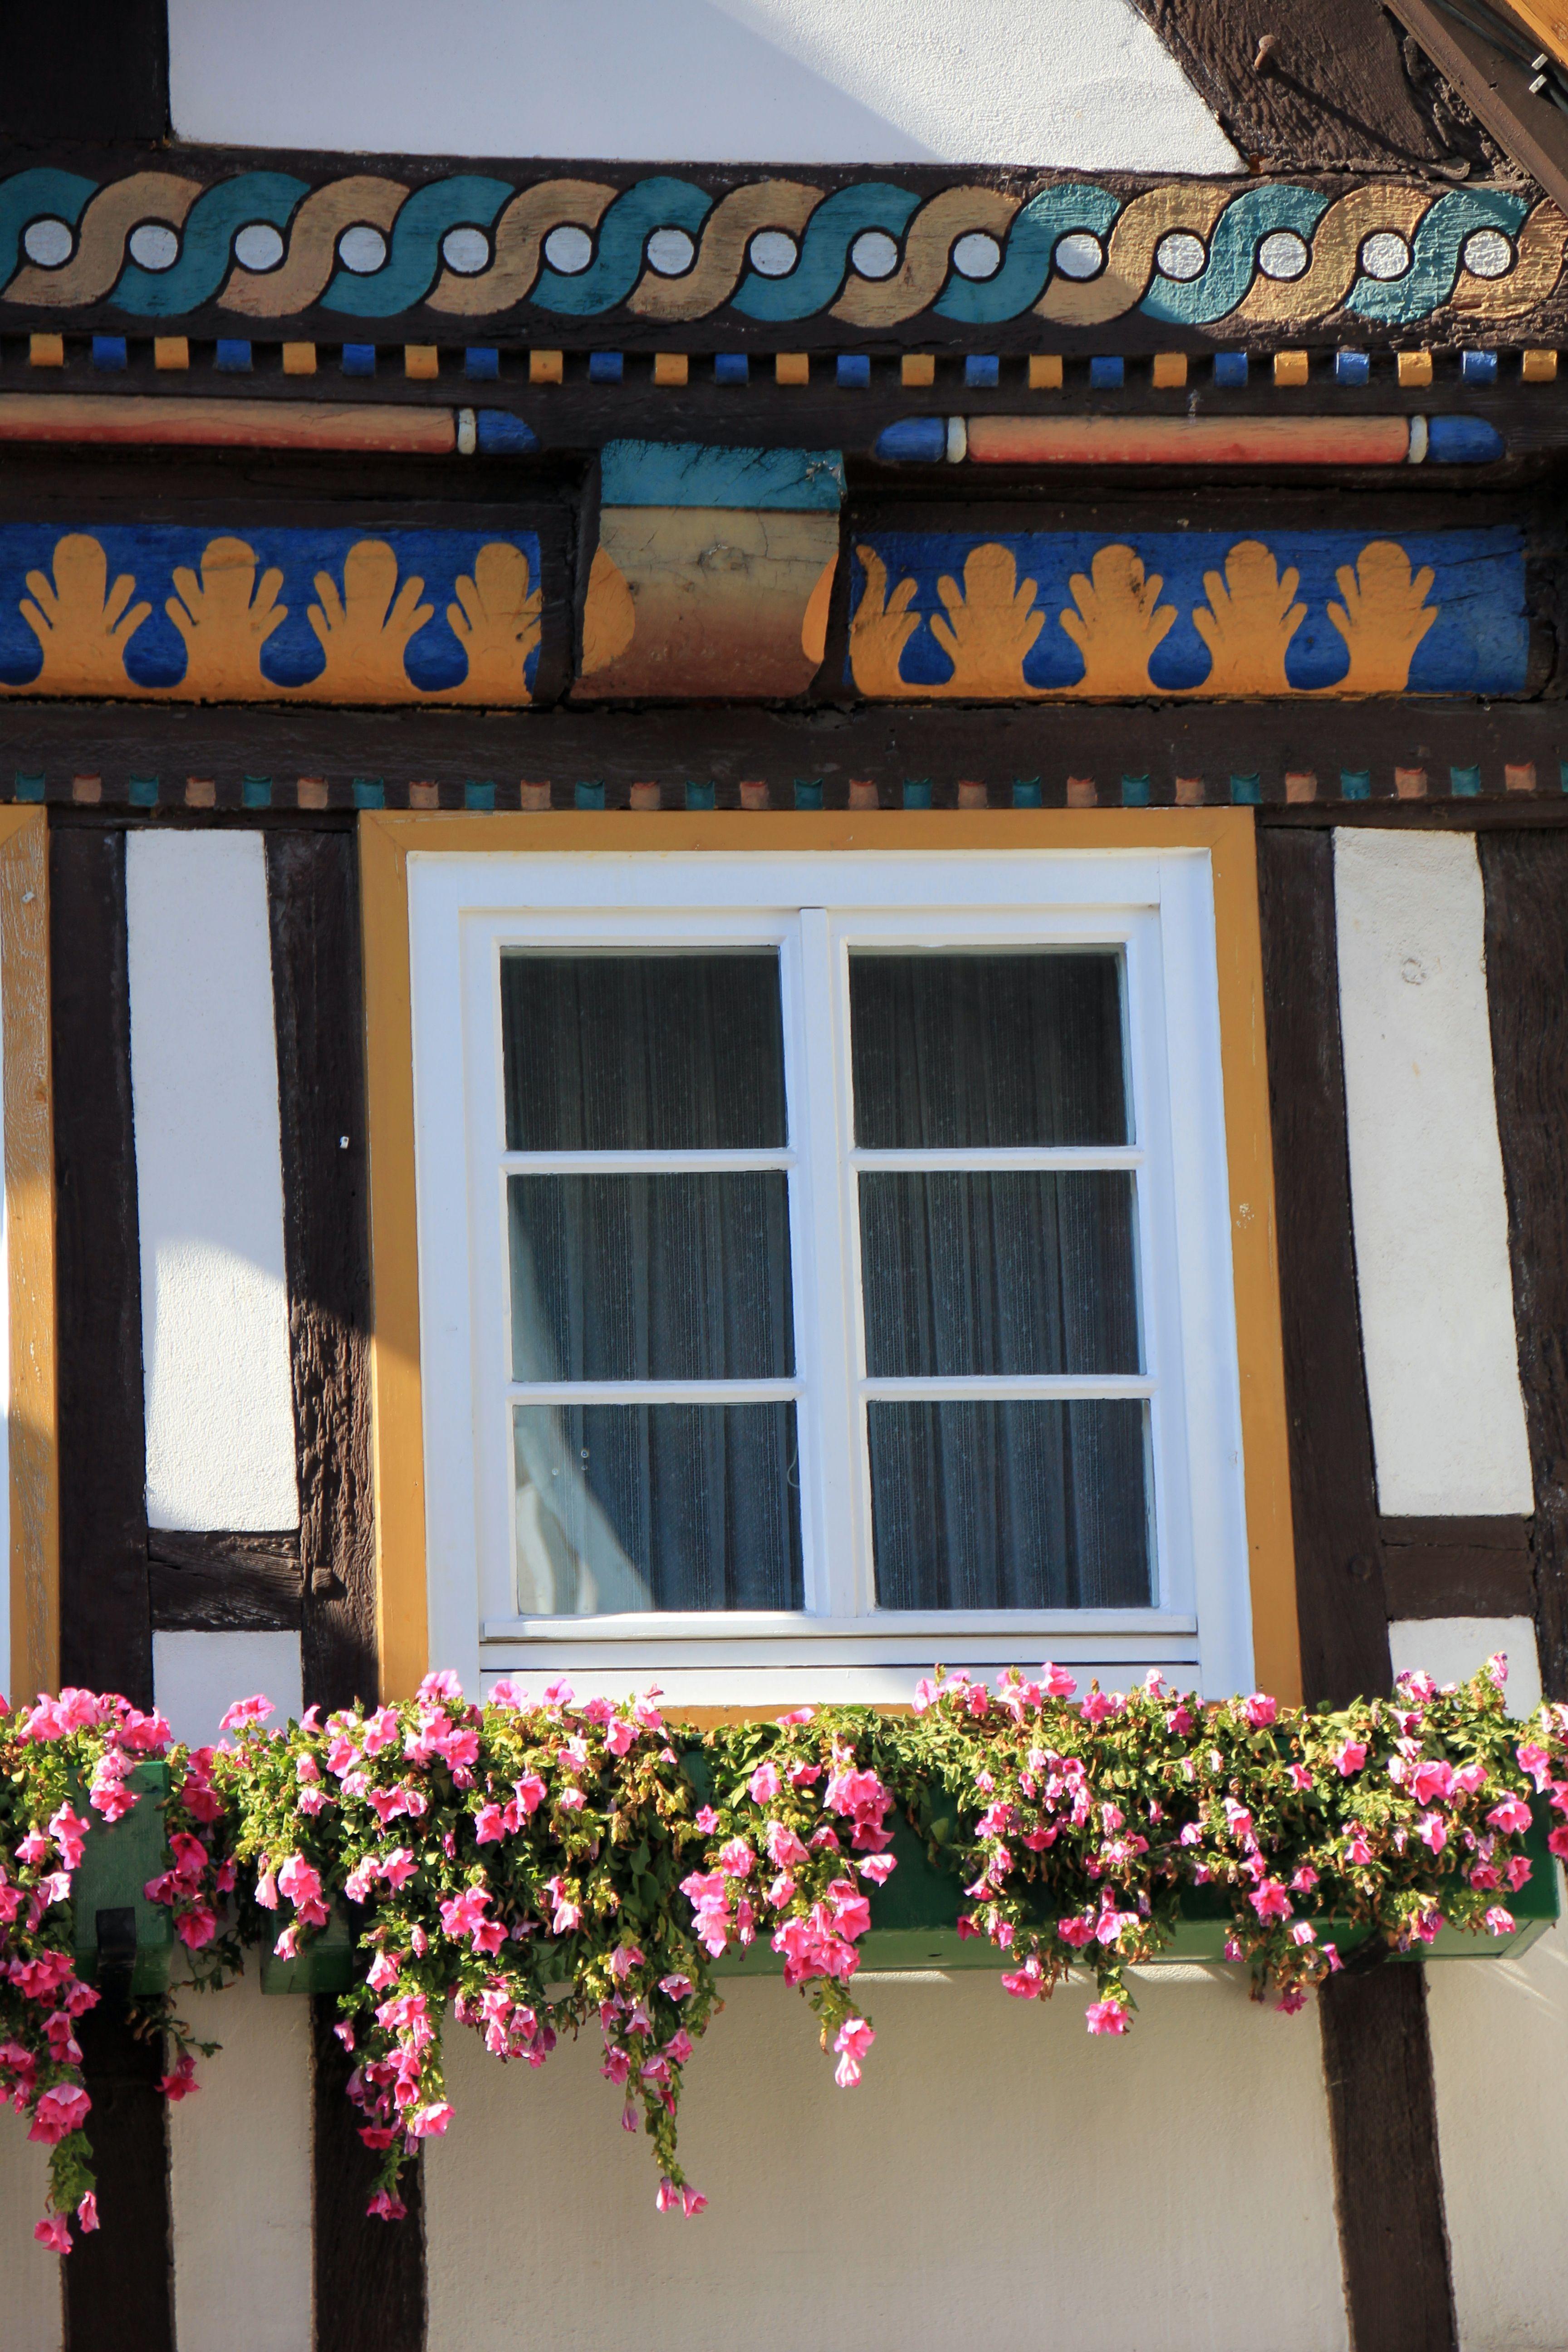 Maison fleur fenêtre bâtiment maison été bar balcon couleur façade décor fleurs design dintérieur